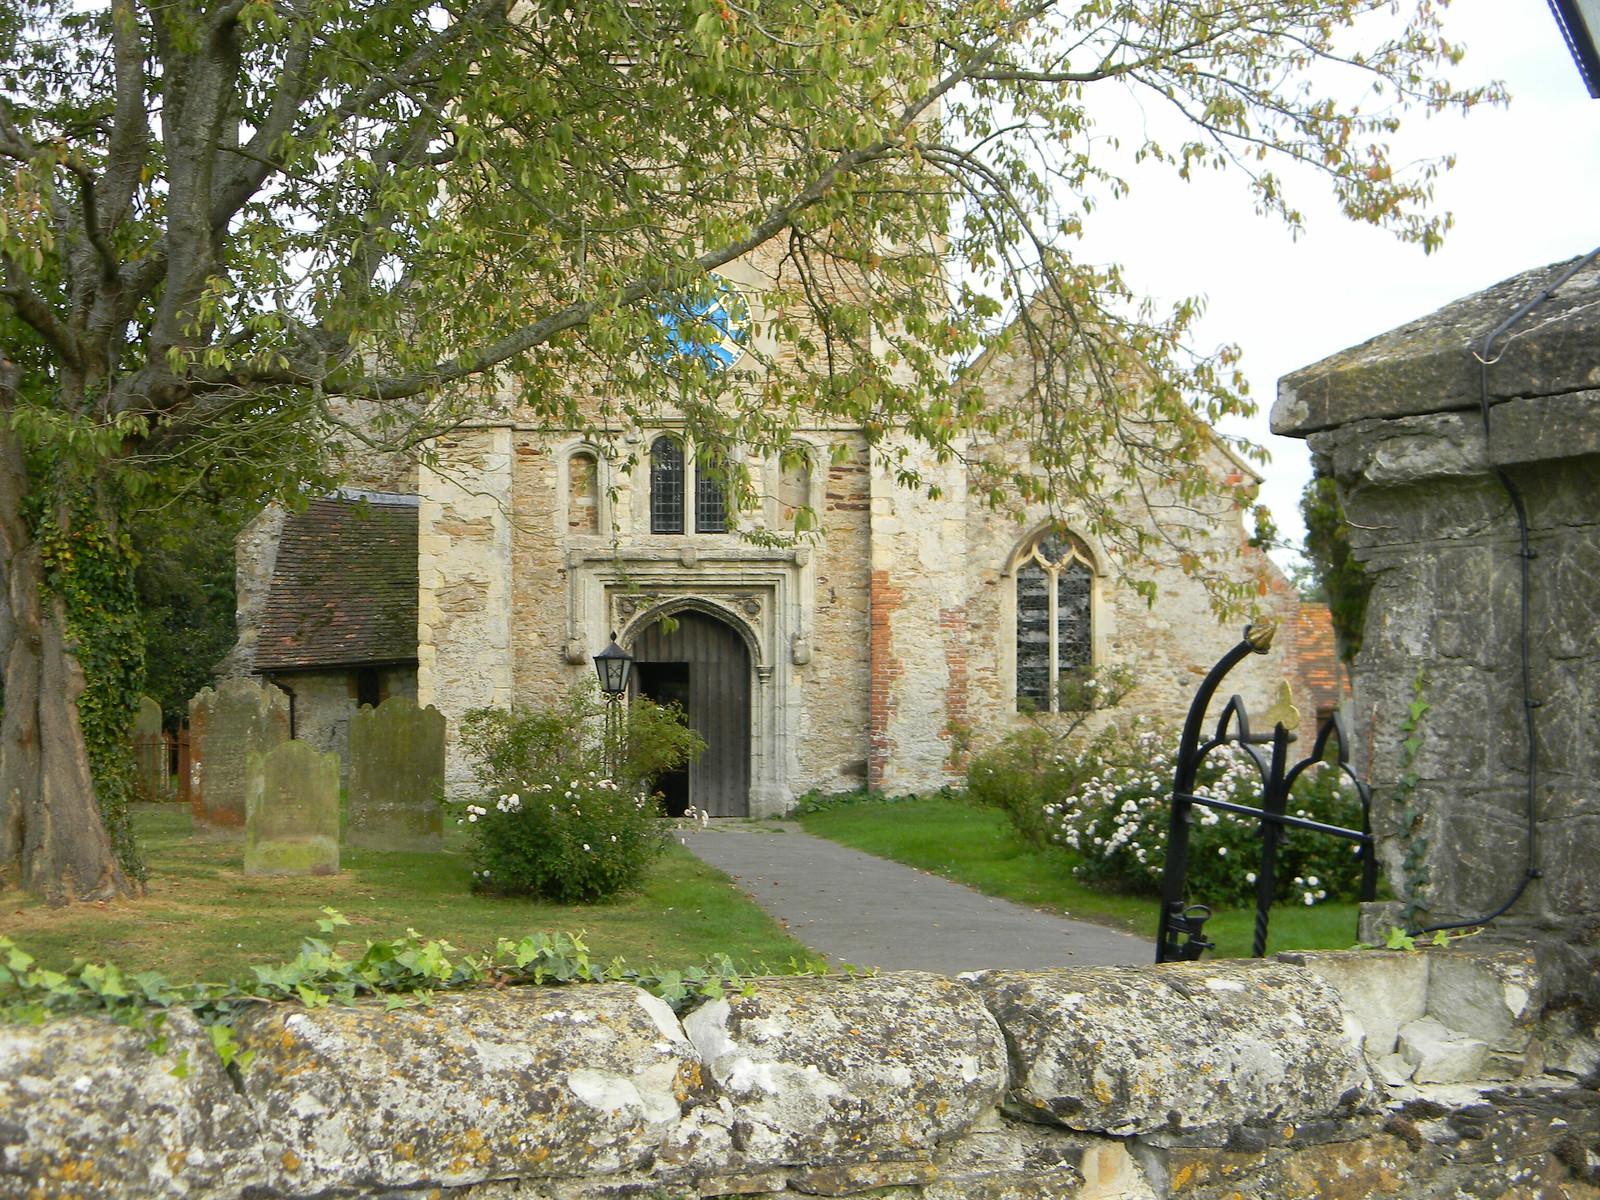 Appledore Church Ham Street to Appledore